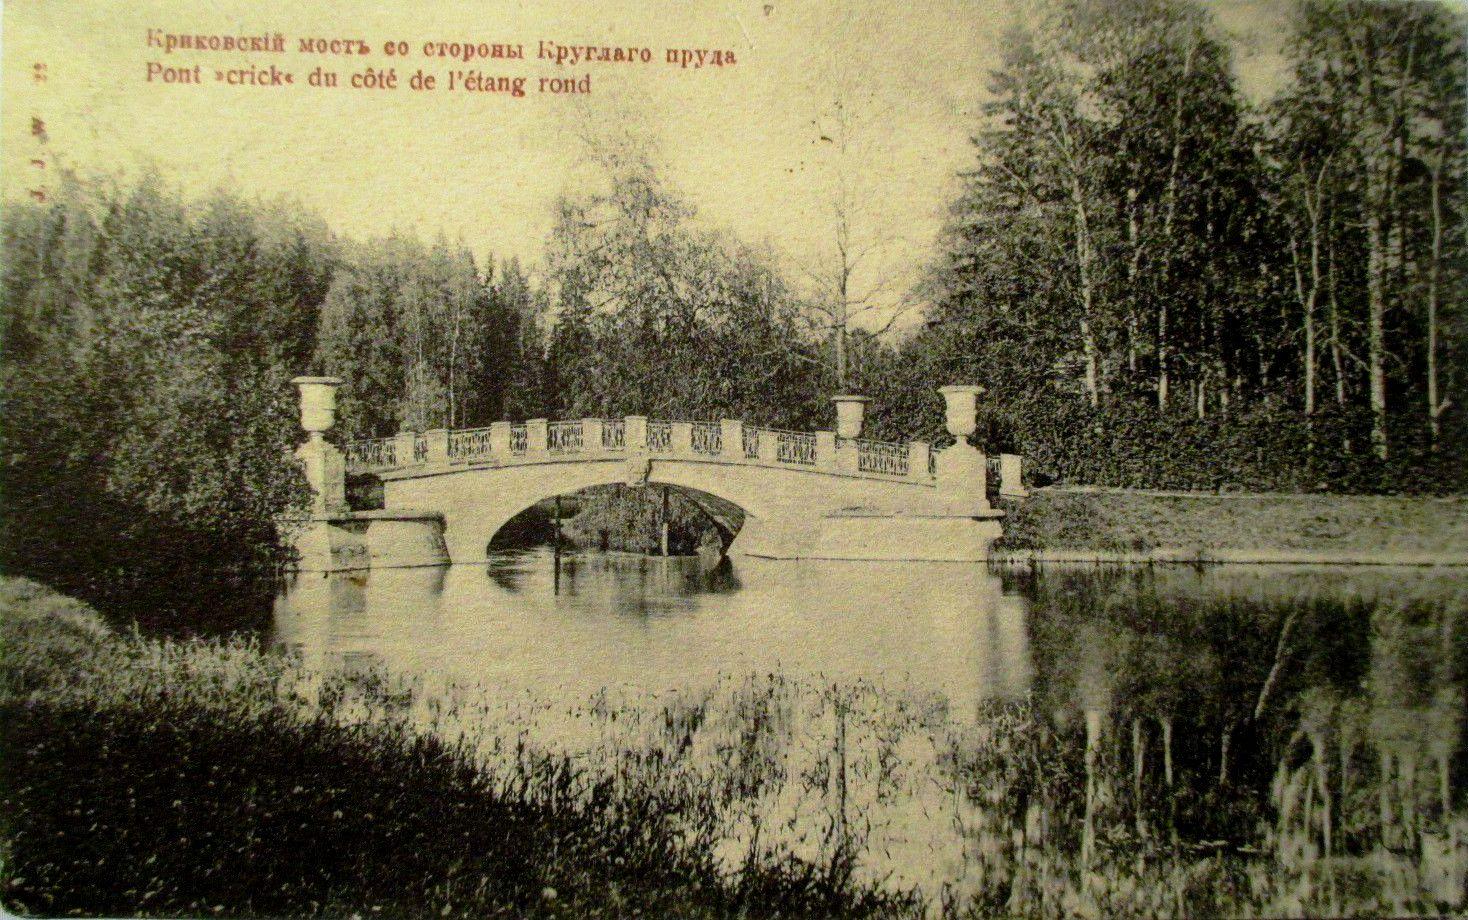 Криковский мост со стороны Круглого пруда